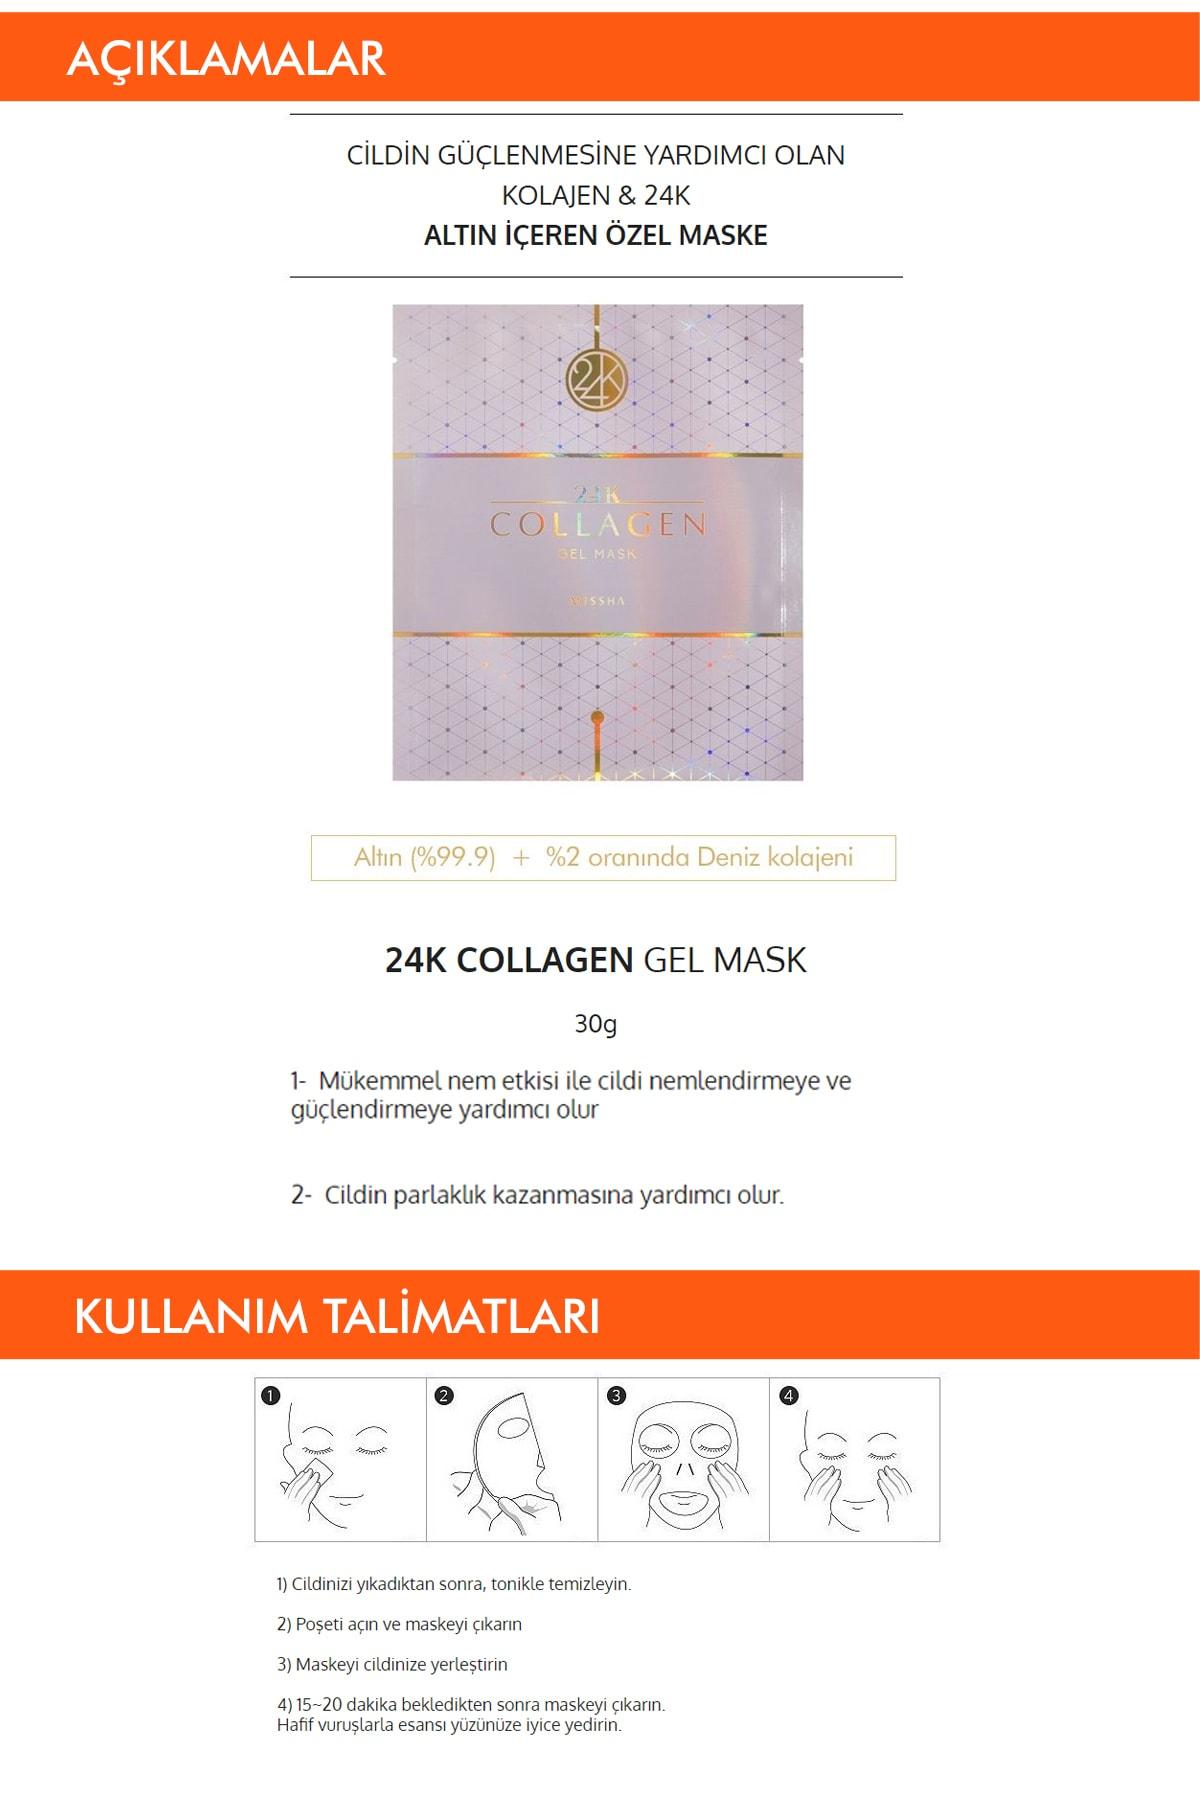 Missha Kolajen ve Altın İçeren Sıkılaştırıcı Jel Maske 1ad MISA 24K Collagen Gel Mask